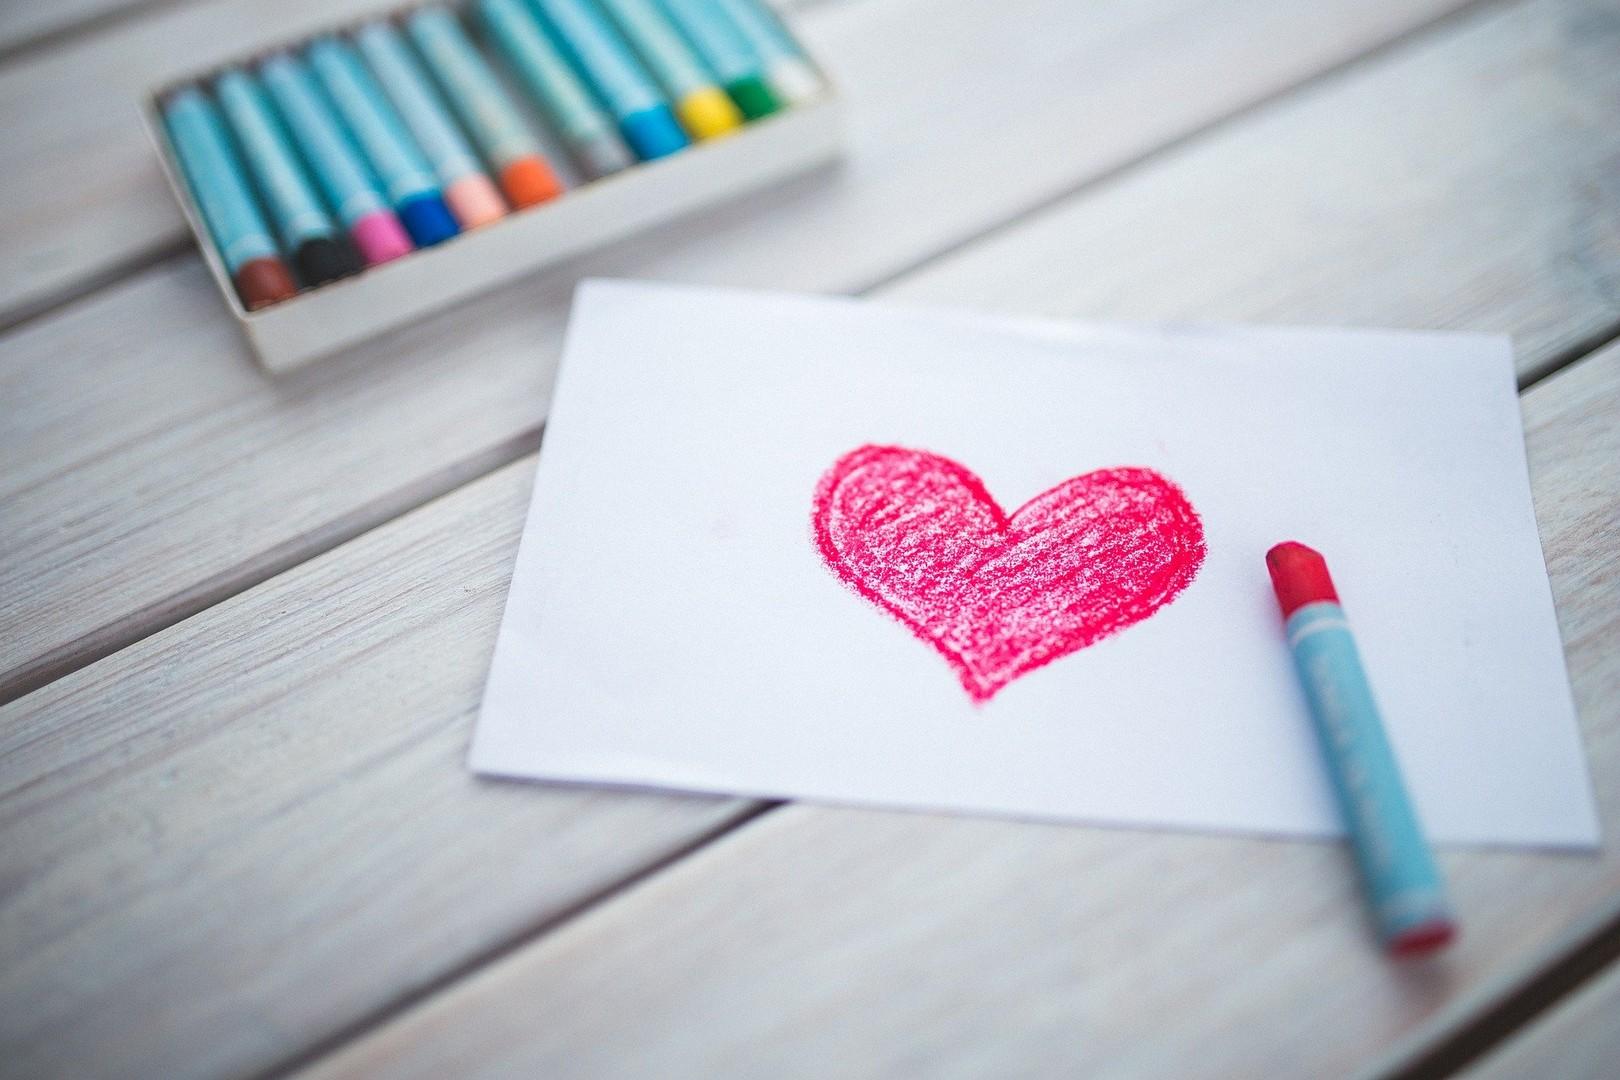 Как проверить мужчину на искренность чувств: 3 способа от Плачу.НЕТ